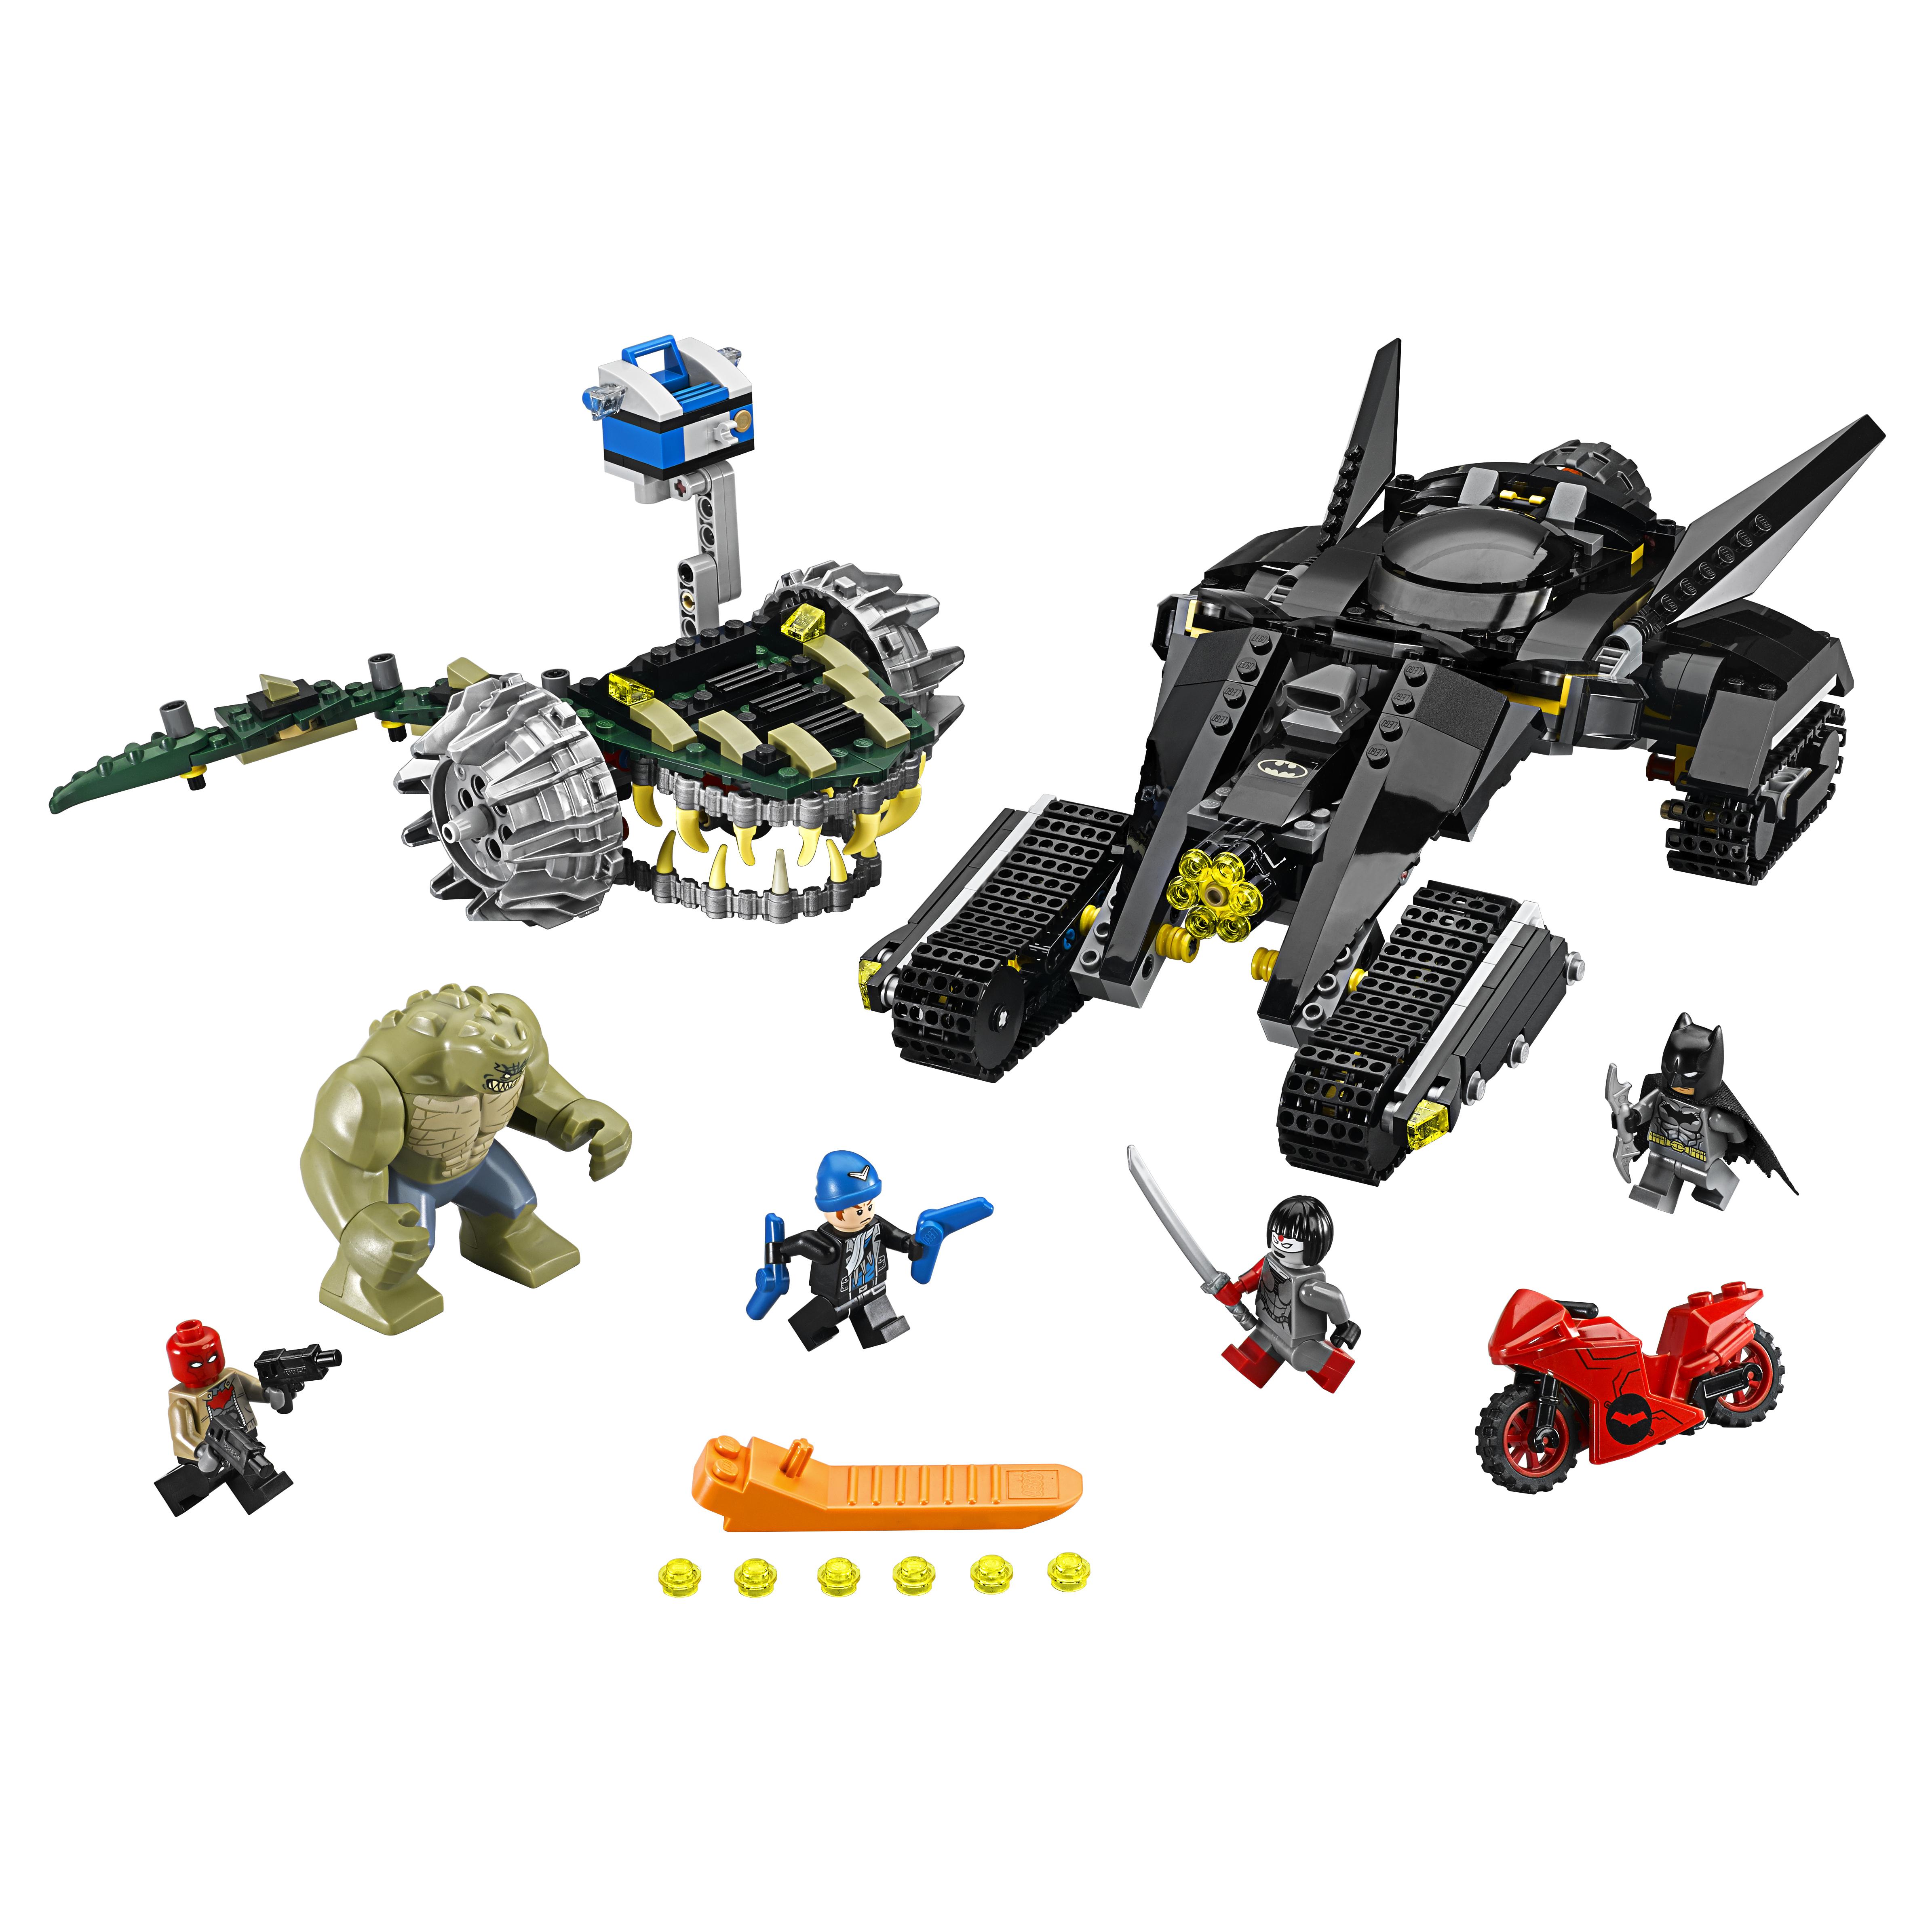 Конструктор LEGO DC Comics Super Heroes Бэтмен:убийца Крок (76055) фото